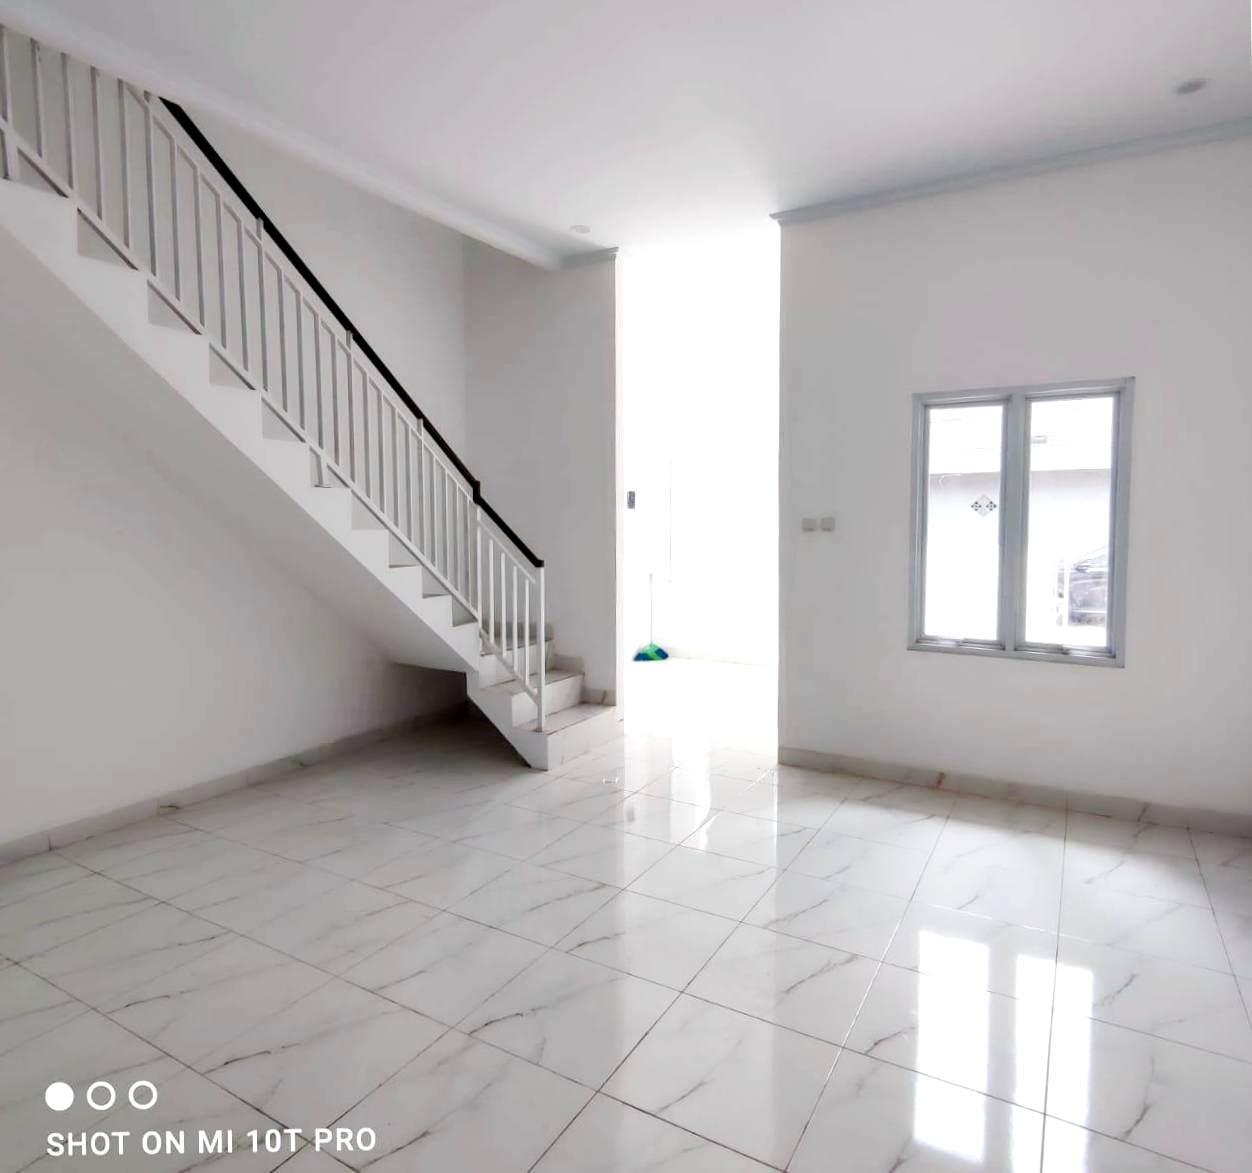 Jual Murah Rumah Baru Siap Huni Kota Harapan Indah Bekasi - 3